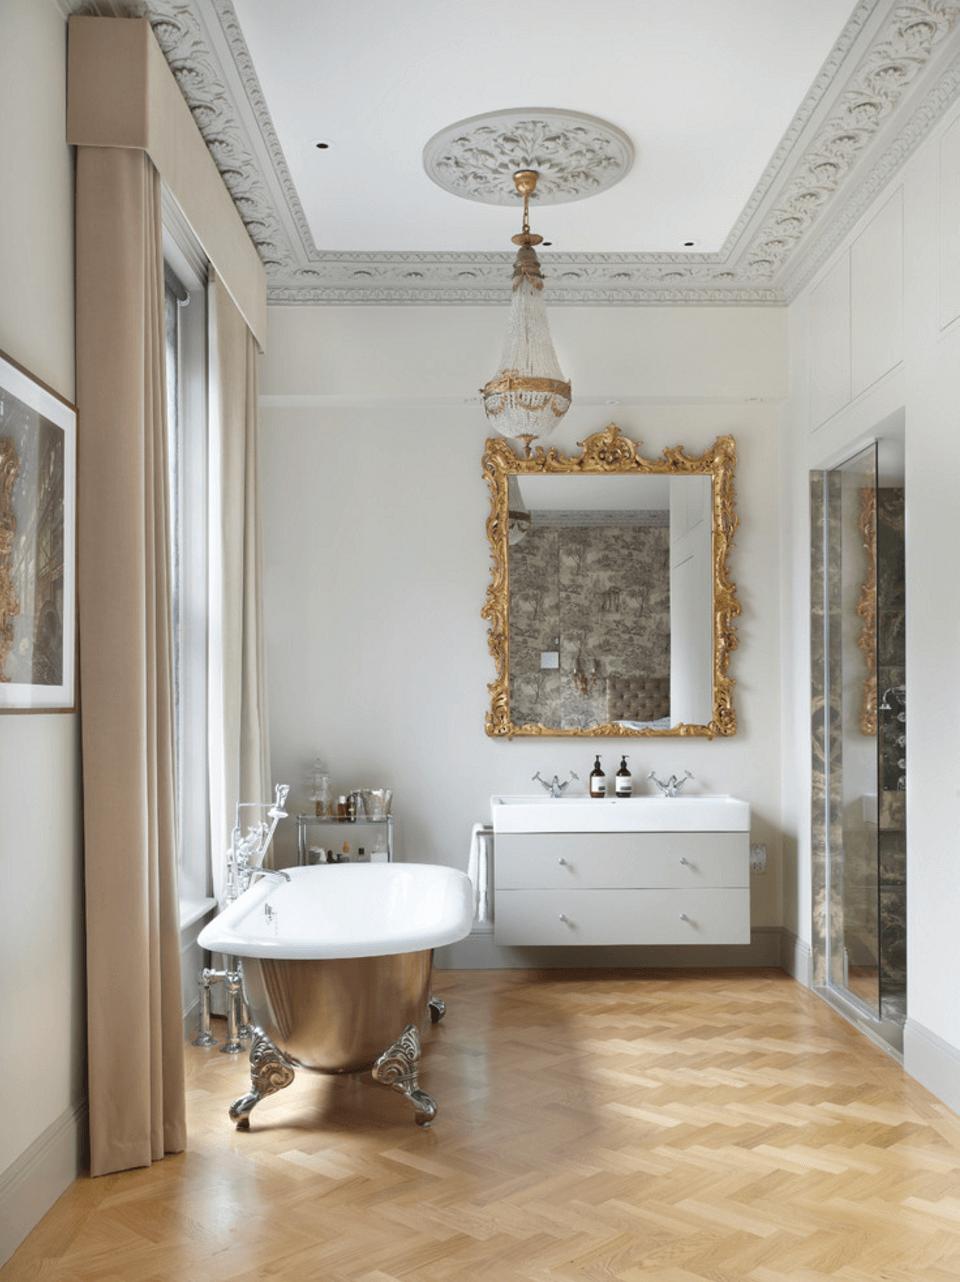 Оригинальный дизайн зеркала в интерьере ванной комнаты - Фото 1